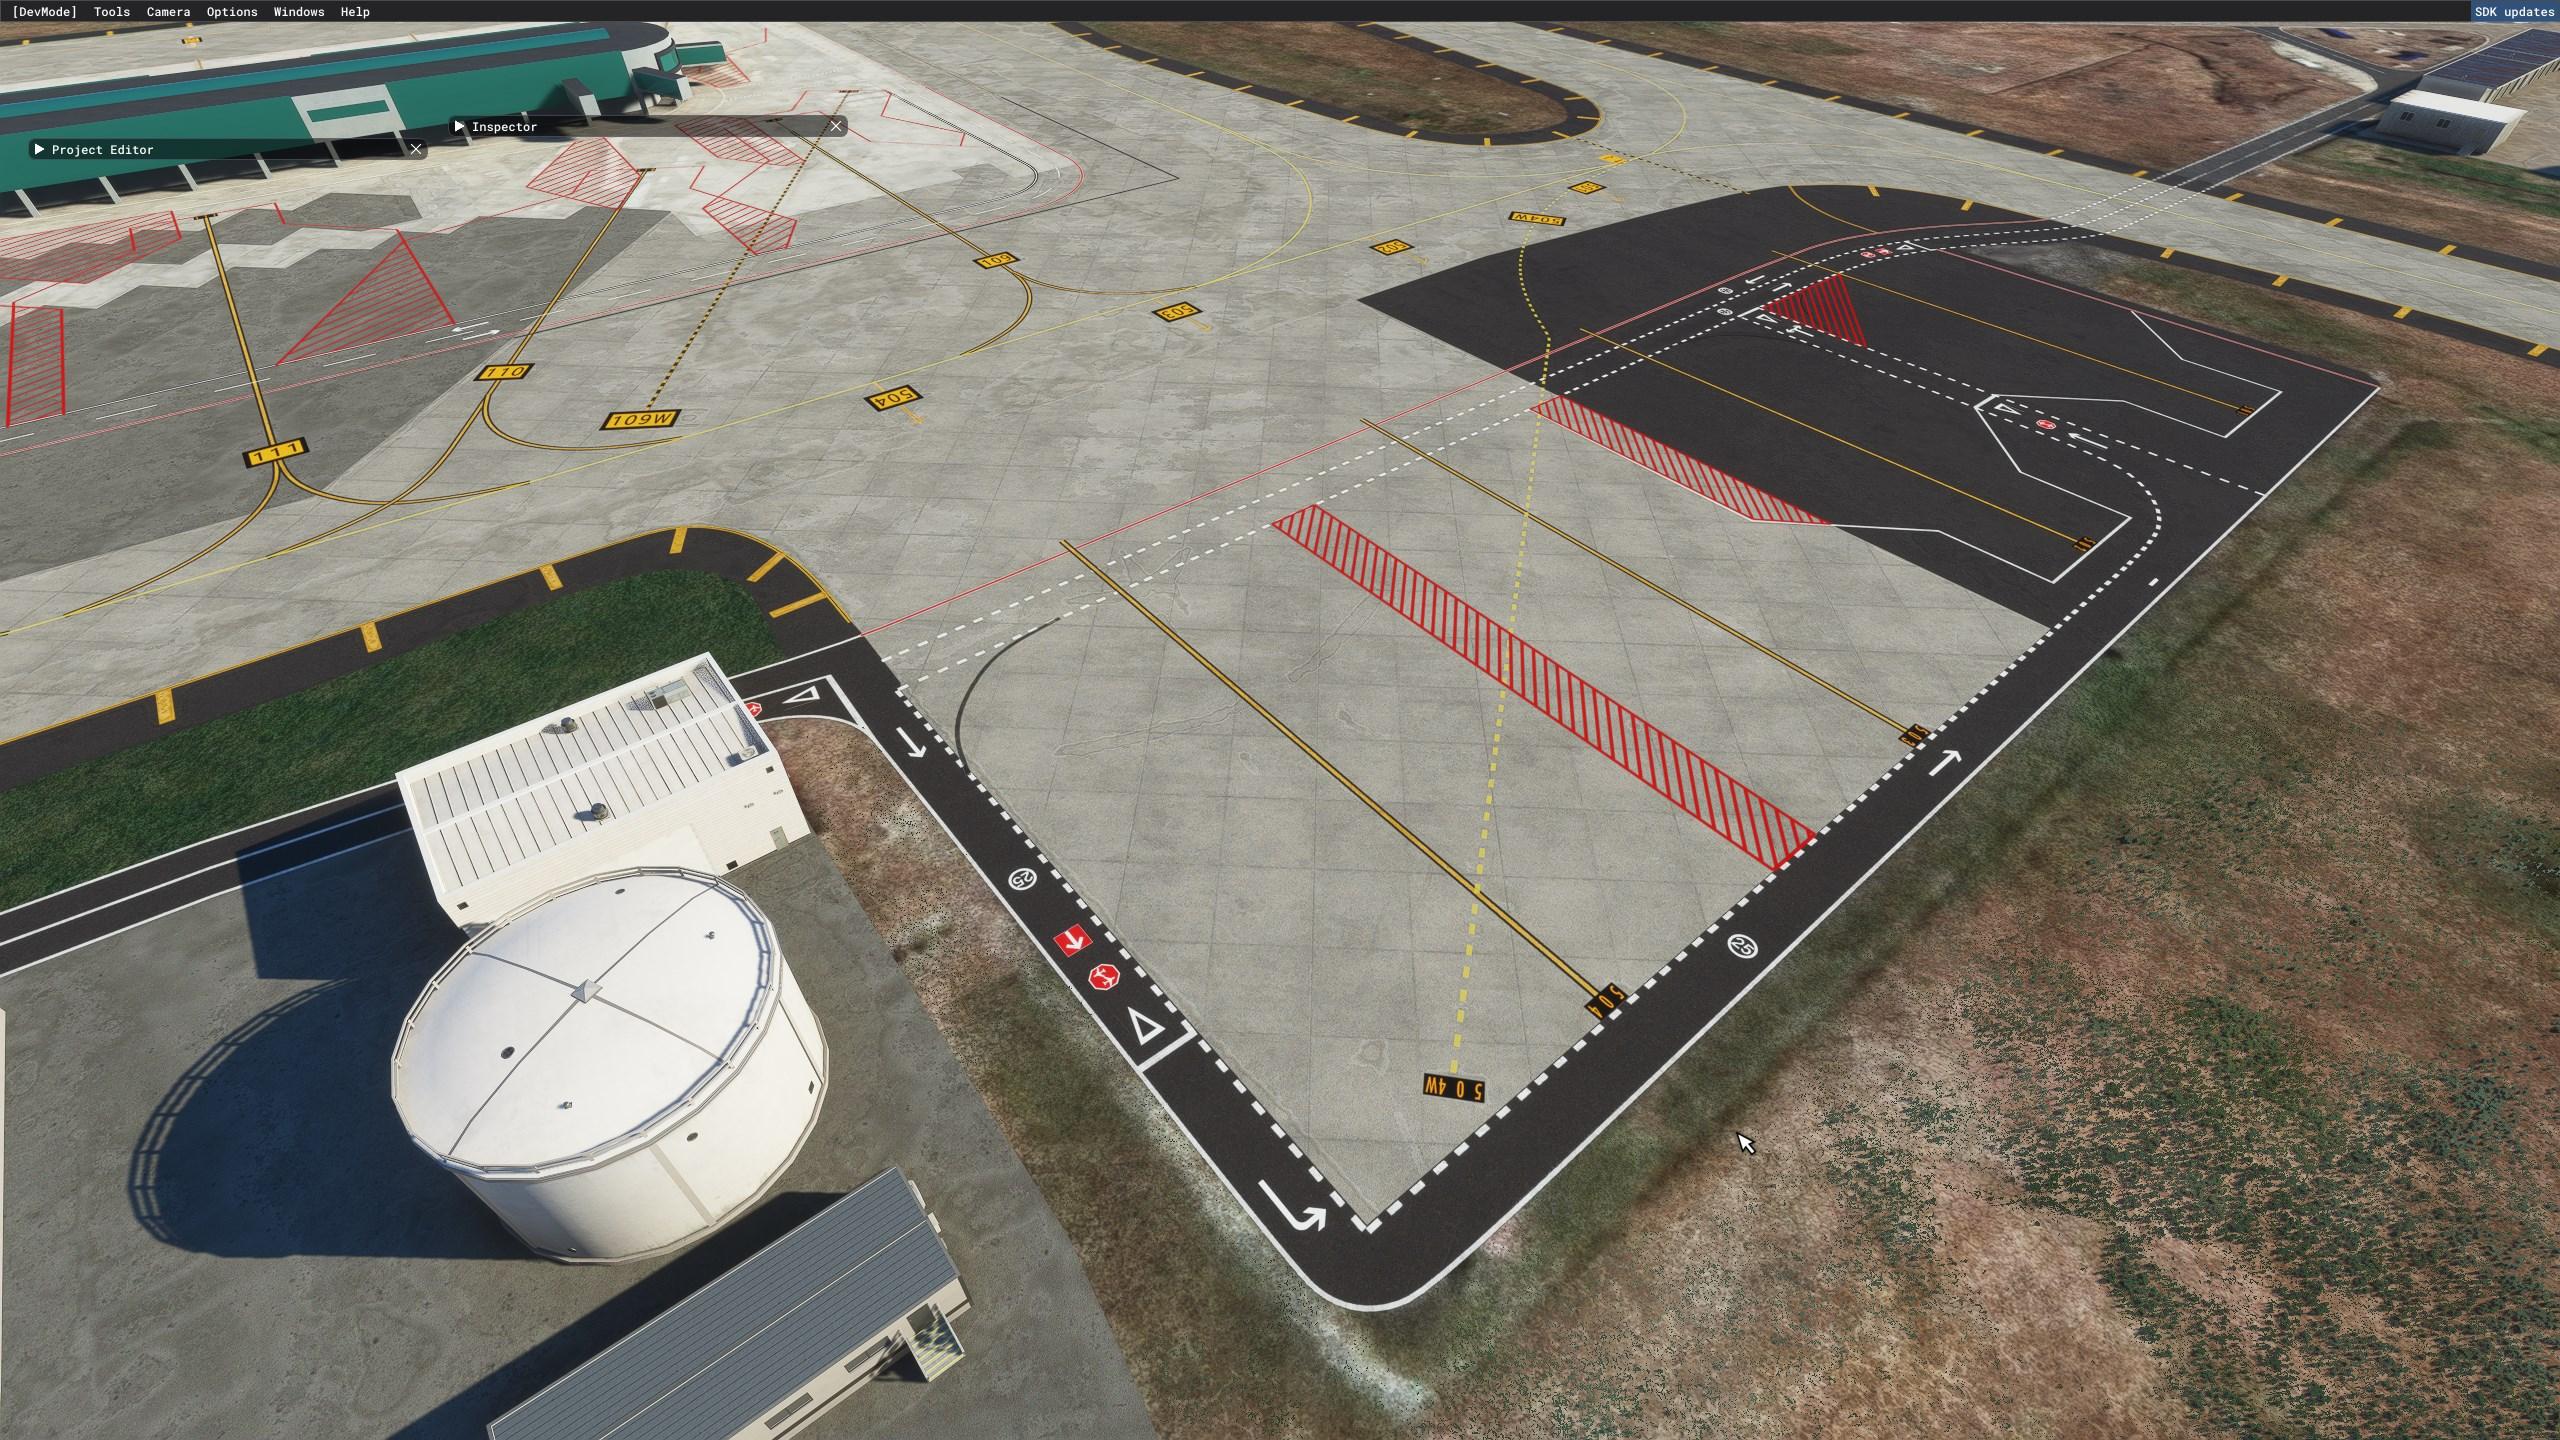 FlightSimulator_Ks1NqLStkp.jpg